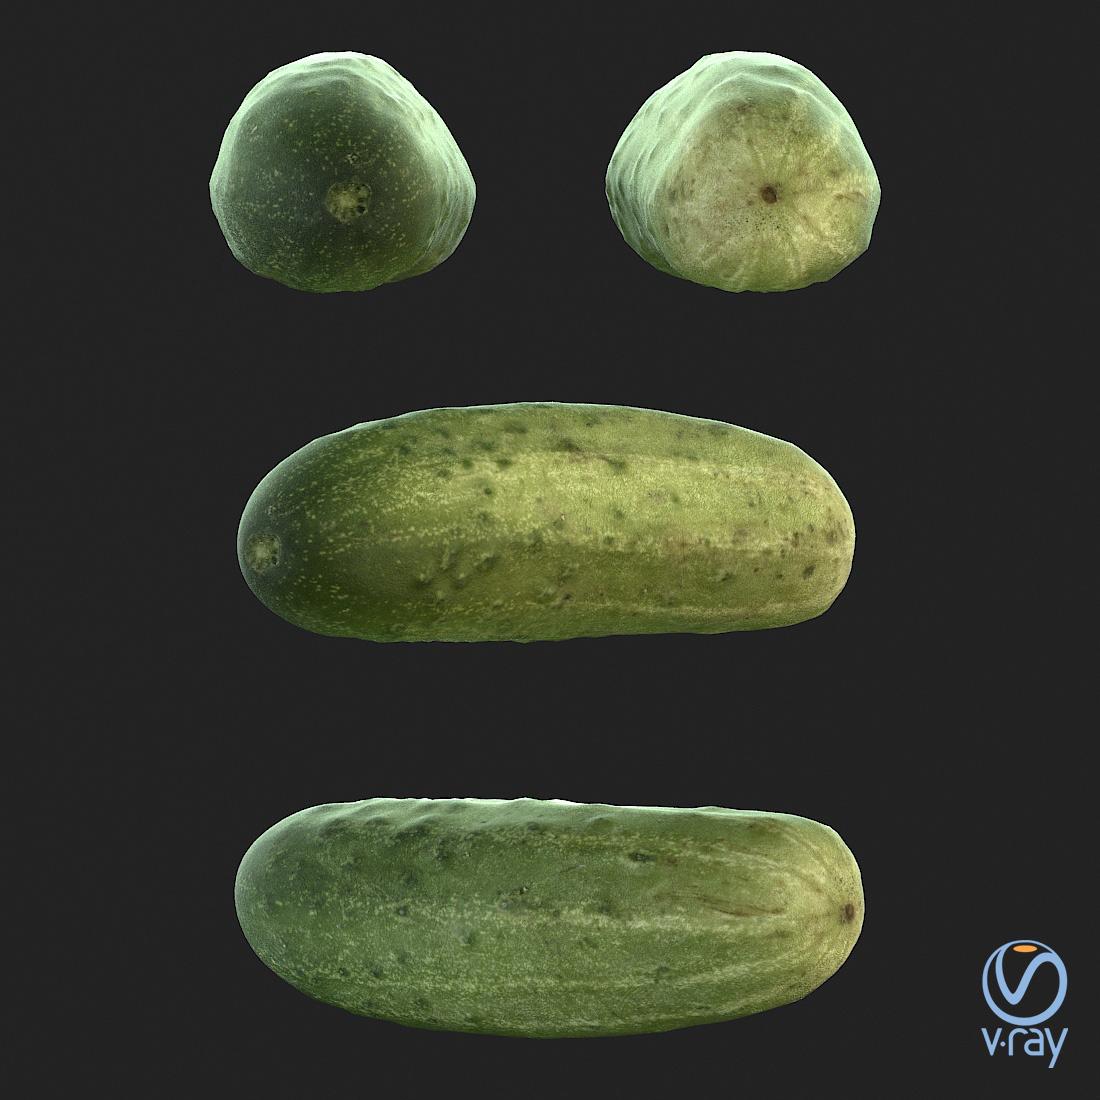 Łukasz Liszko - 3D scans / photogrammetry - Cucumber 02